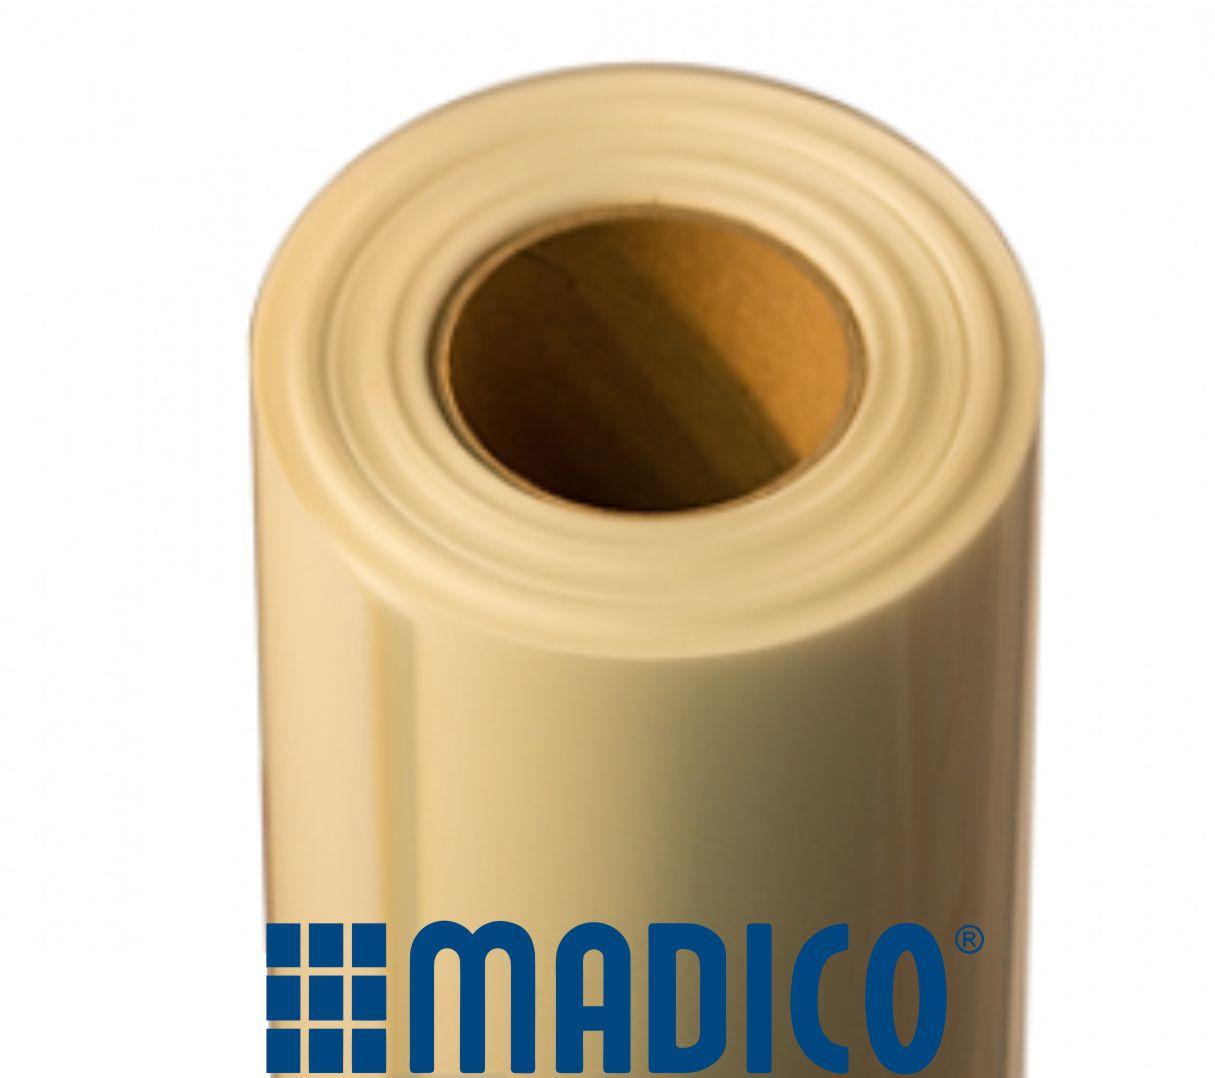 Антигравийная пленка Madico Protekt PPF (1,52x15 м)